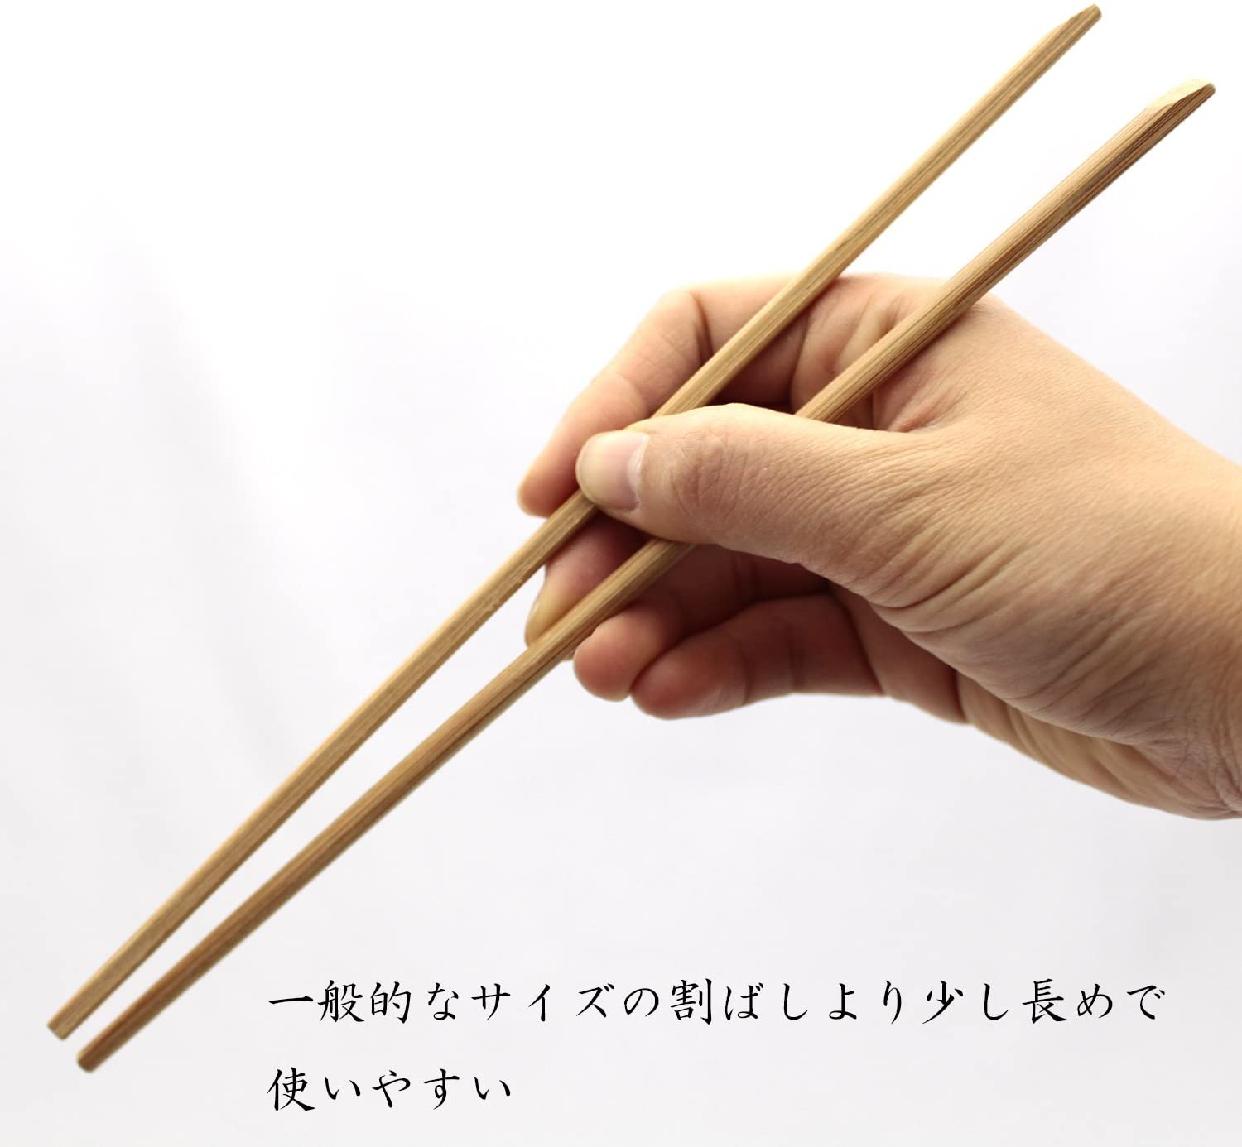 中村(なかむら)割り箸 すす竹 天削 100膳 24cmの商品画像6